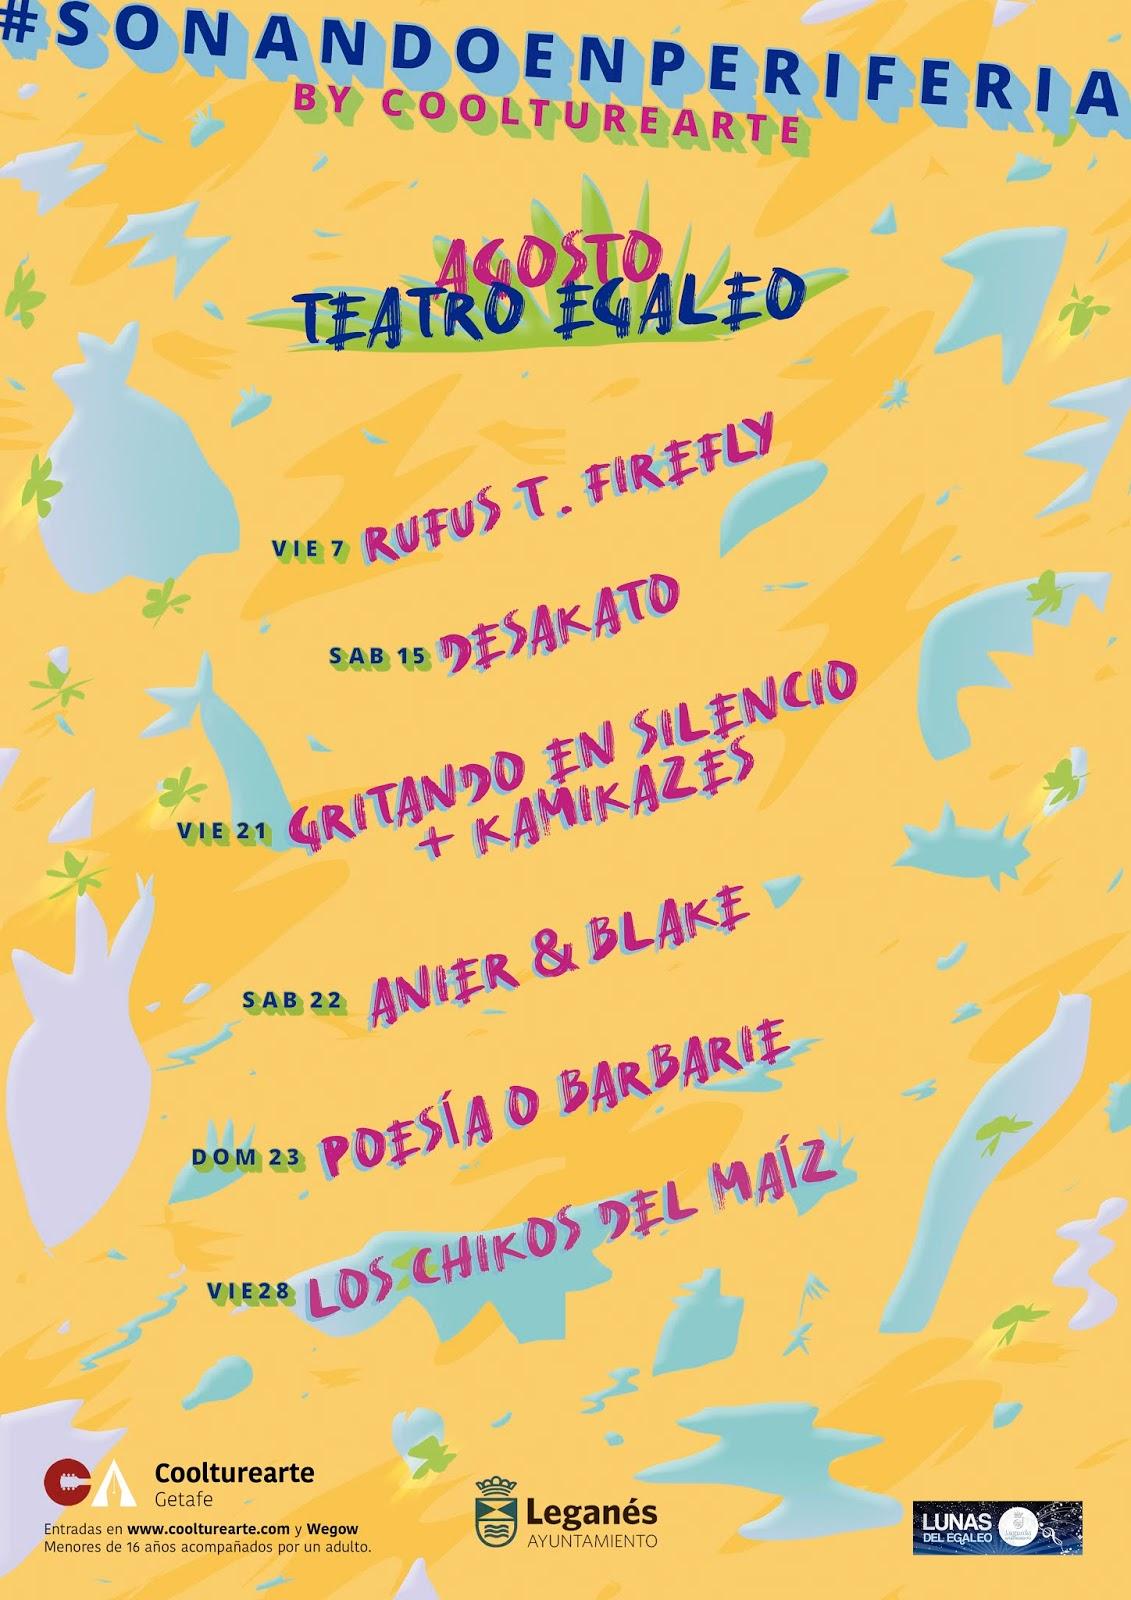 Conciertos en agosto en el Teatro Egaleo de Leganés: Rufus T. Firefly, Desakato, Los Chikos del Maíz, Gritando en Silencio…